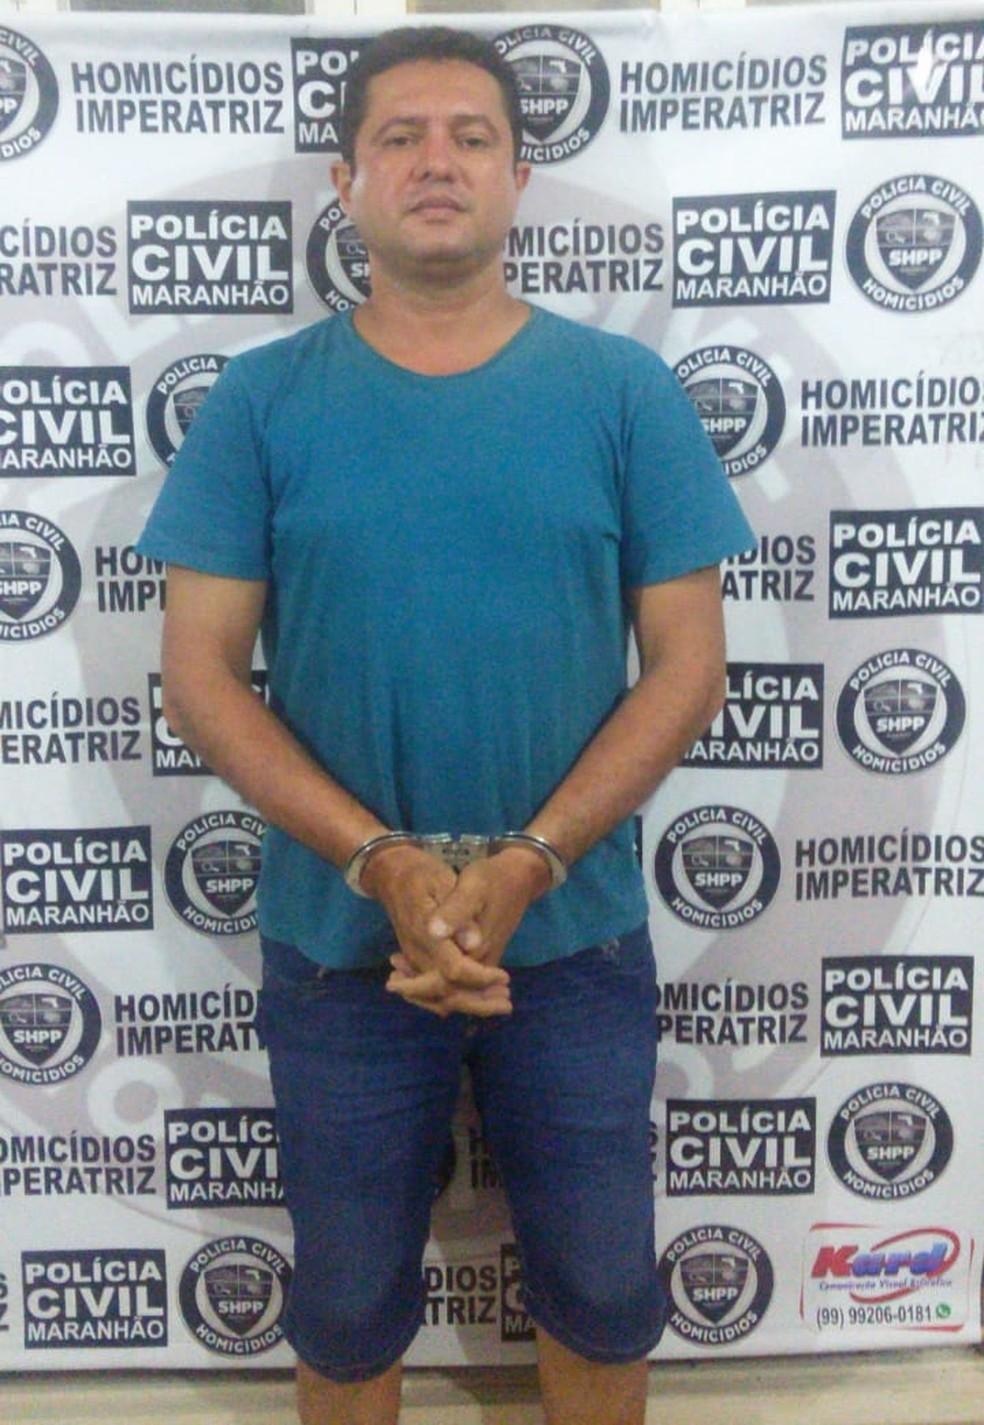 Zandonai Barbosa Oliveira é suspeito de ter participado da morte do PM Joselito Fernandes Marinho em Imperatriz — Foto: Divulgação/Polícia